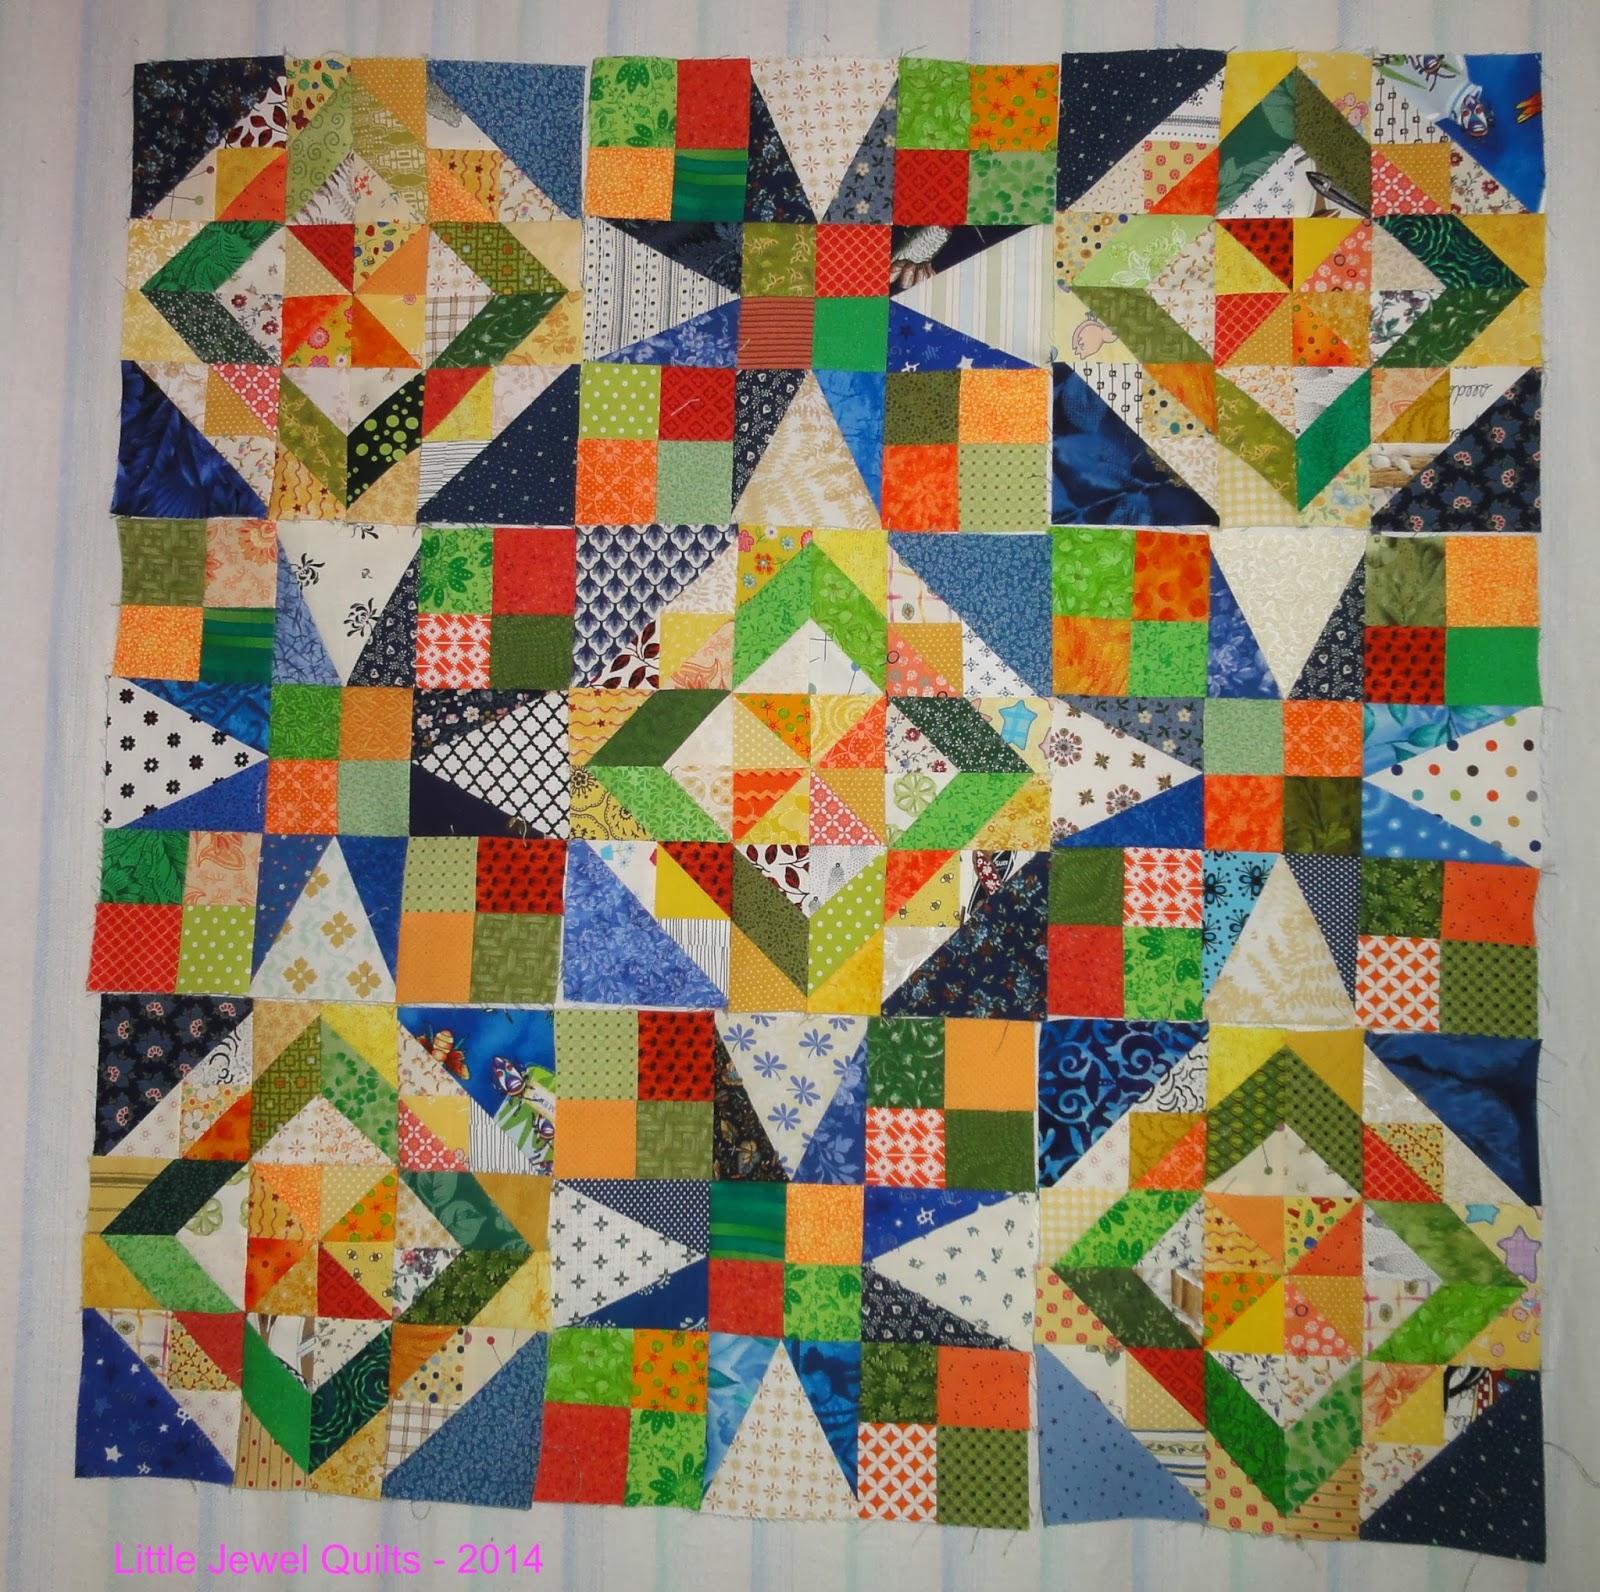 Little Jewel Quilts: Celtic Solstice - Step 6